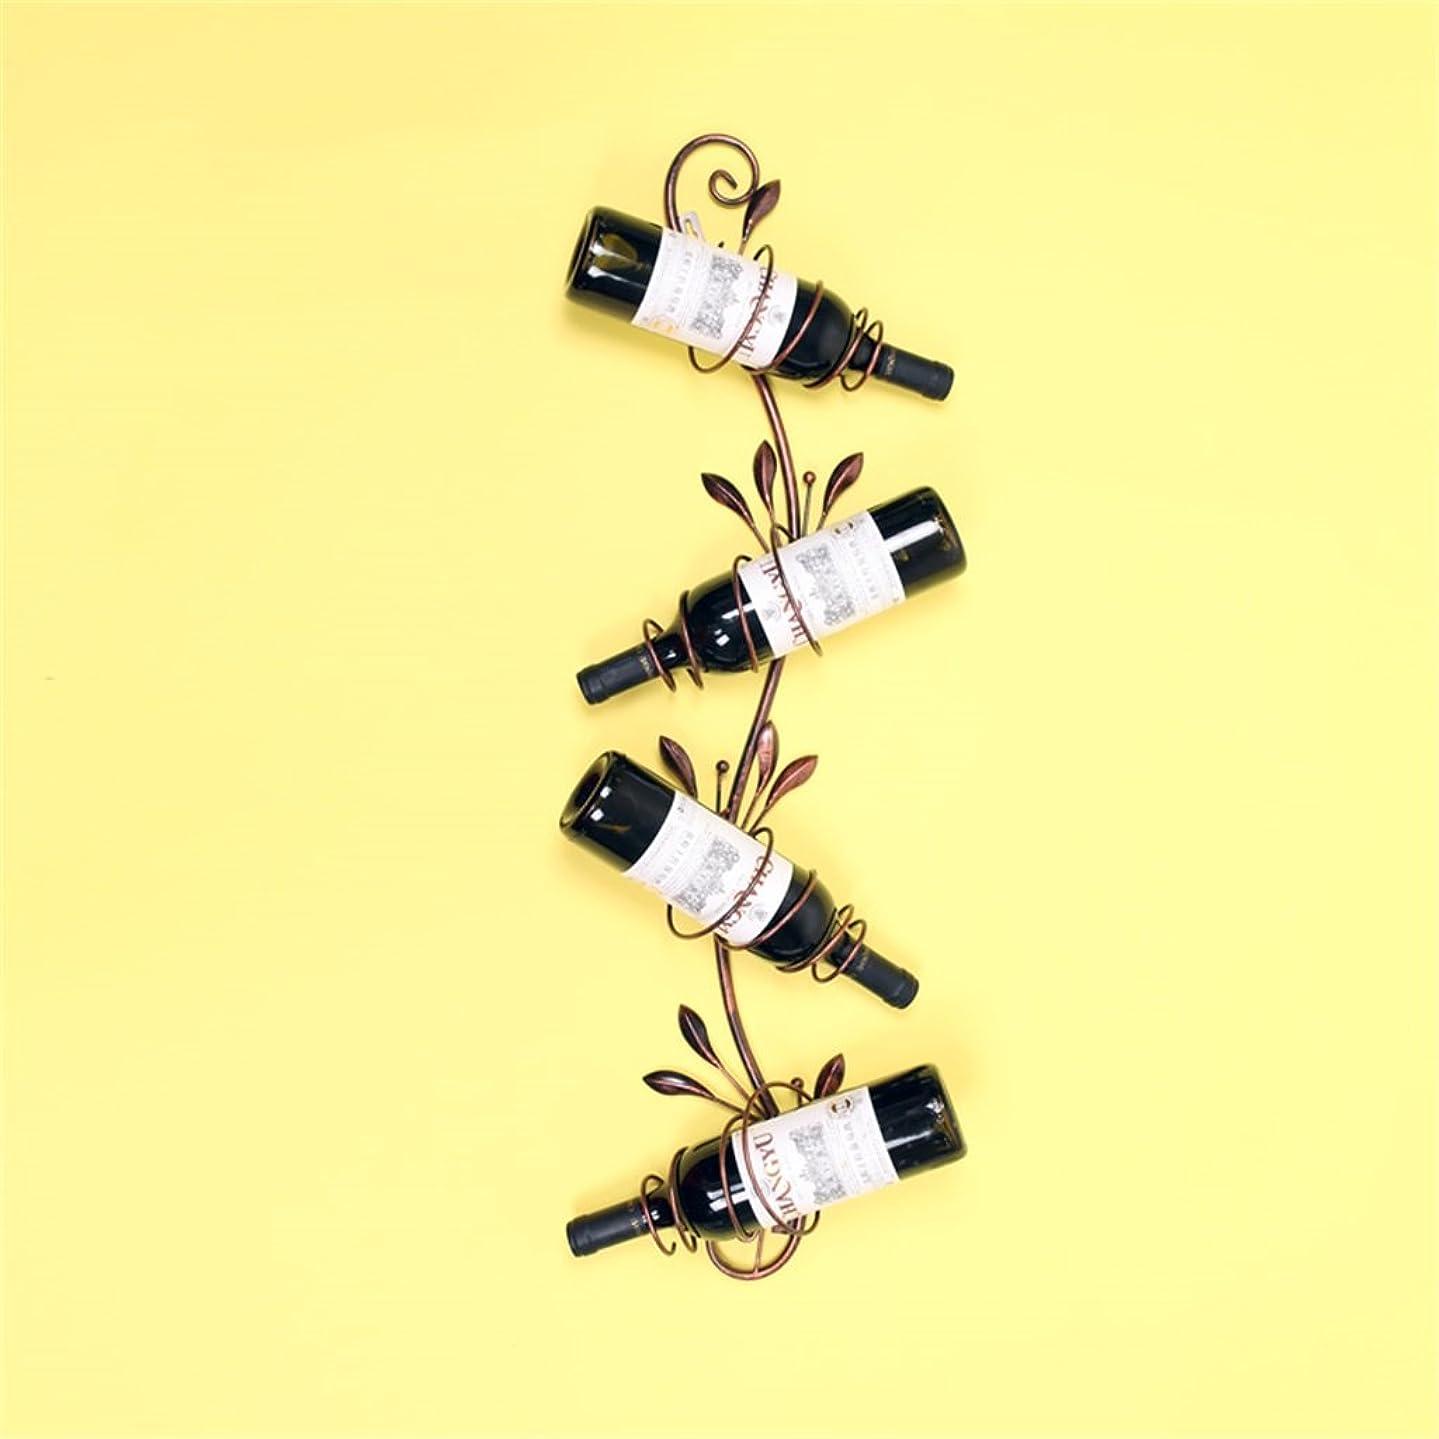 シャツ行商アウターJ-ワインホルダー ウォールマウント金属ワインラック、キッチン/バー/レストラン用ラック&ハンダー棚板 (色 : ブロンズ)